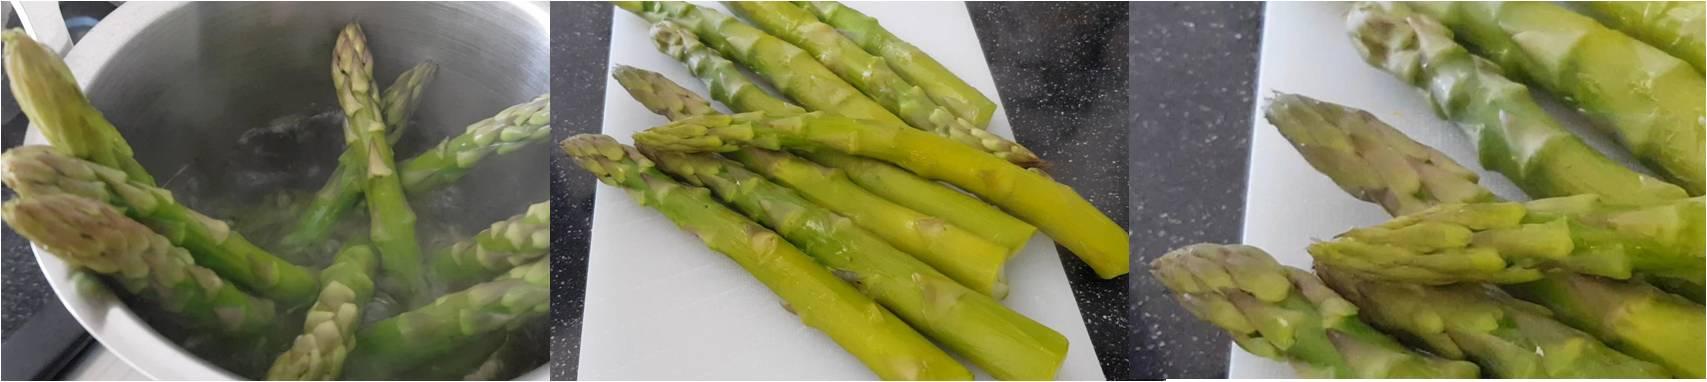 ricetta passo passo uova fritte con asparagi 1